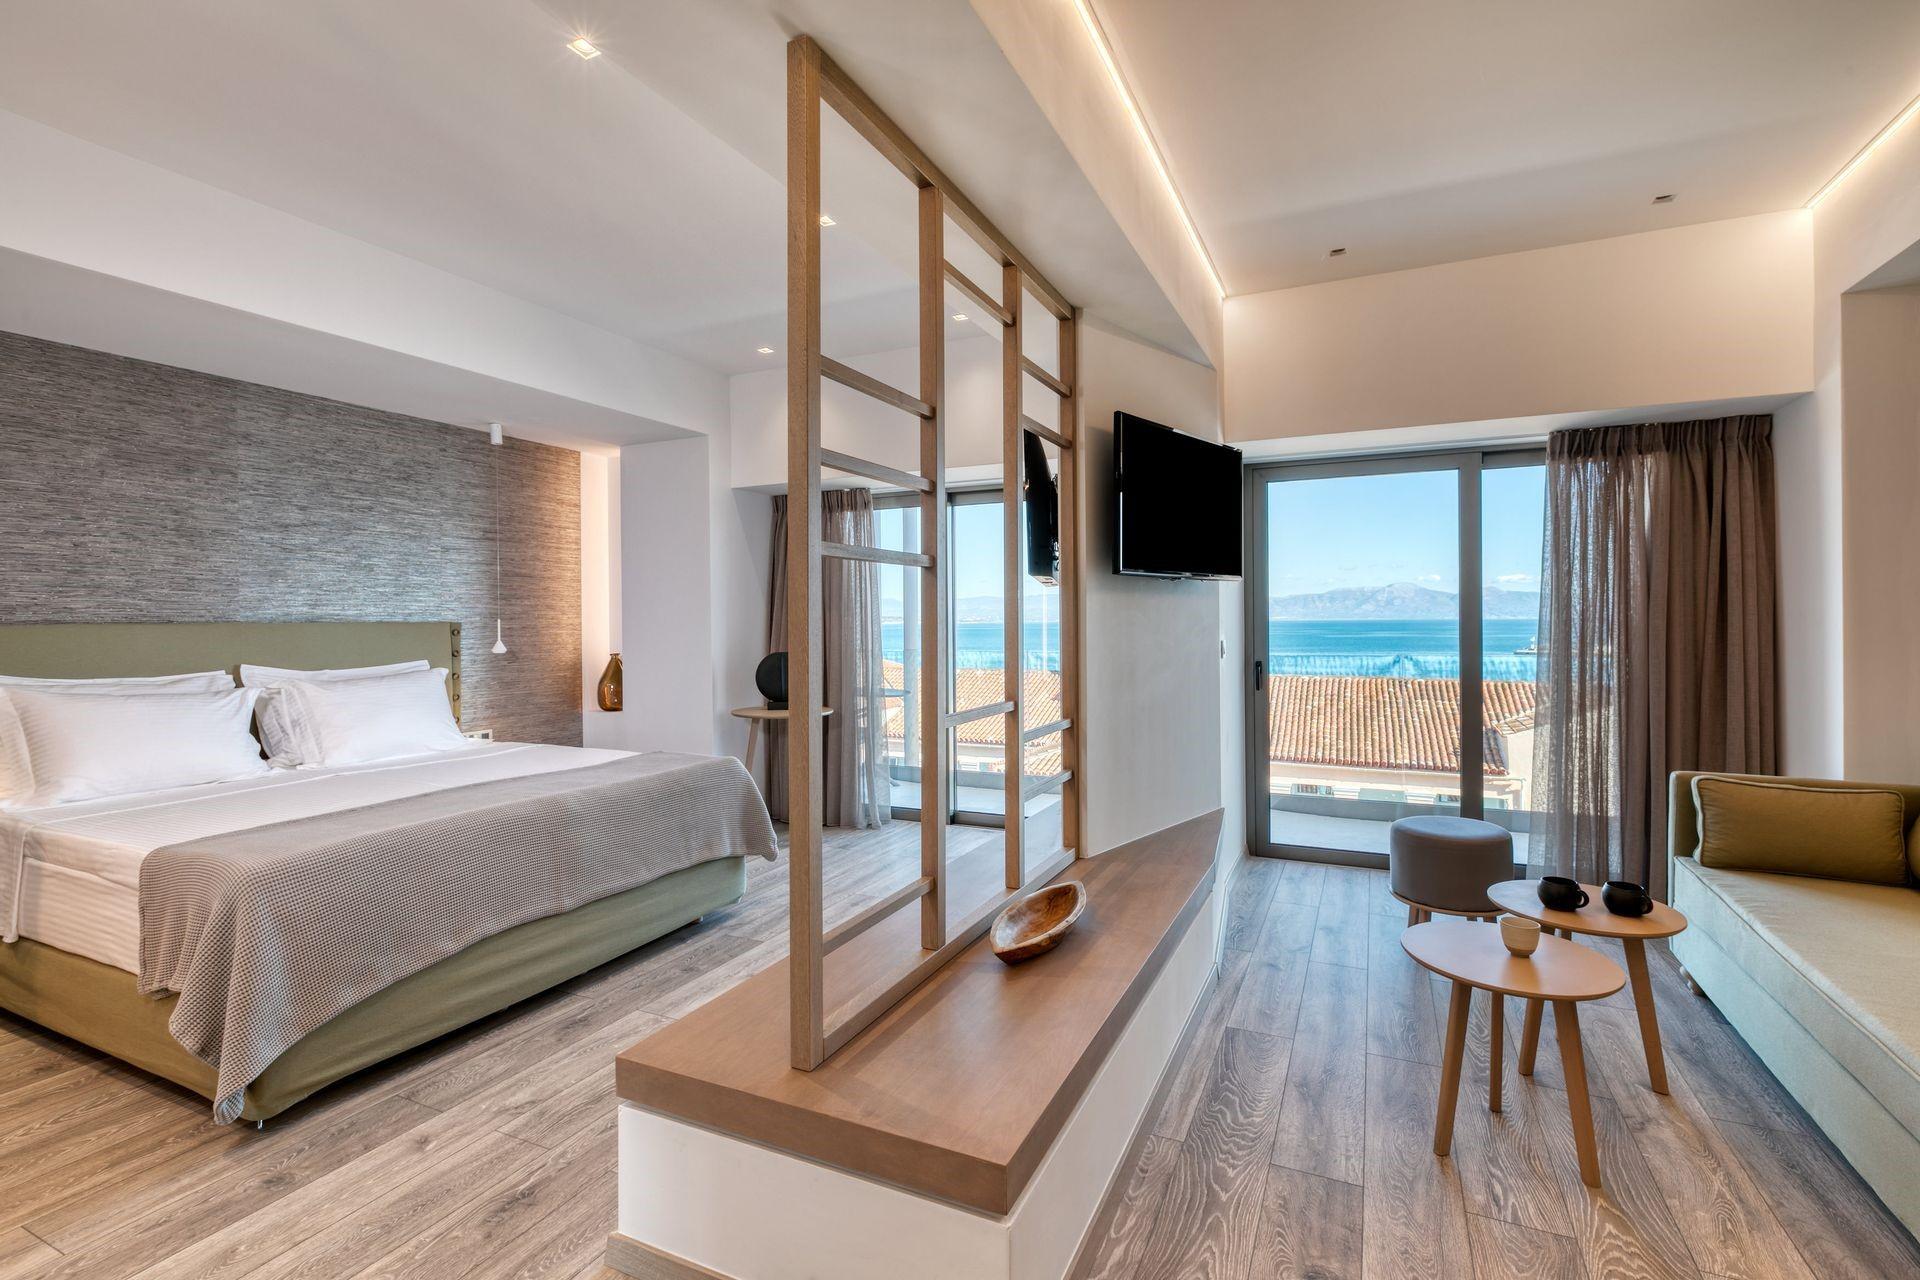 4* Las Hotel & Spa - Γύθειο ✦ 2 Ημέρες (1 Διανυκτέρευση)